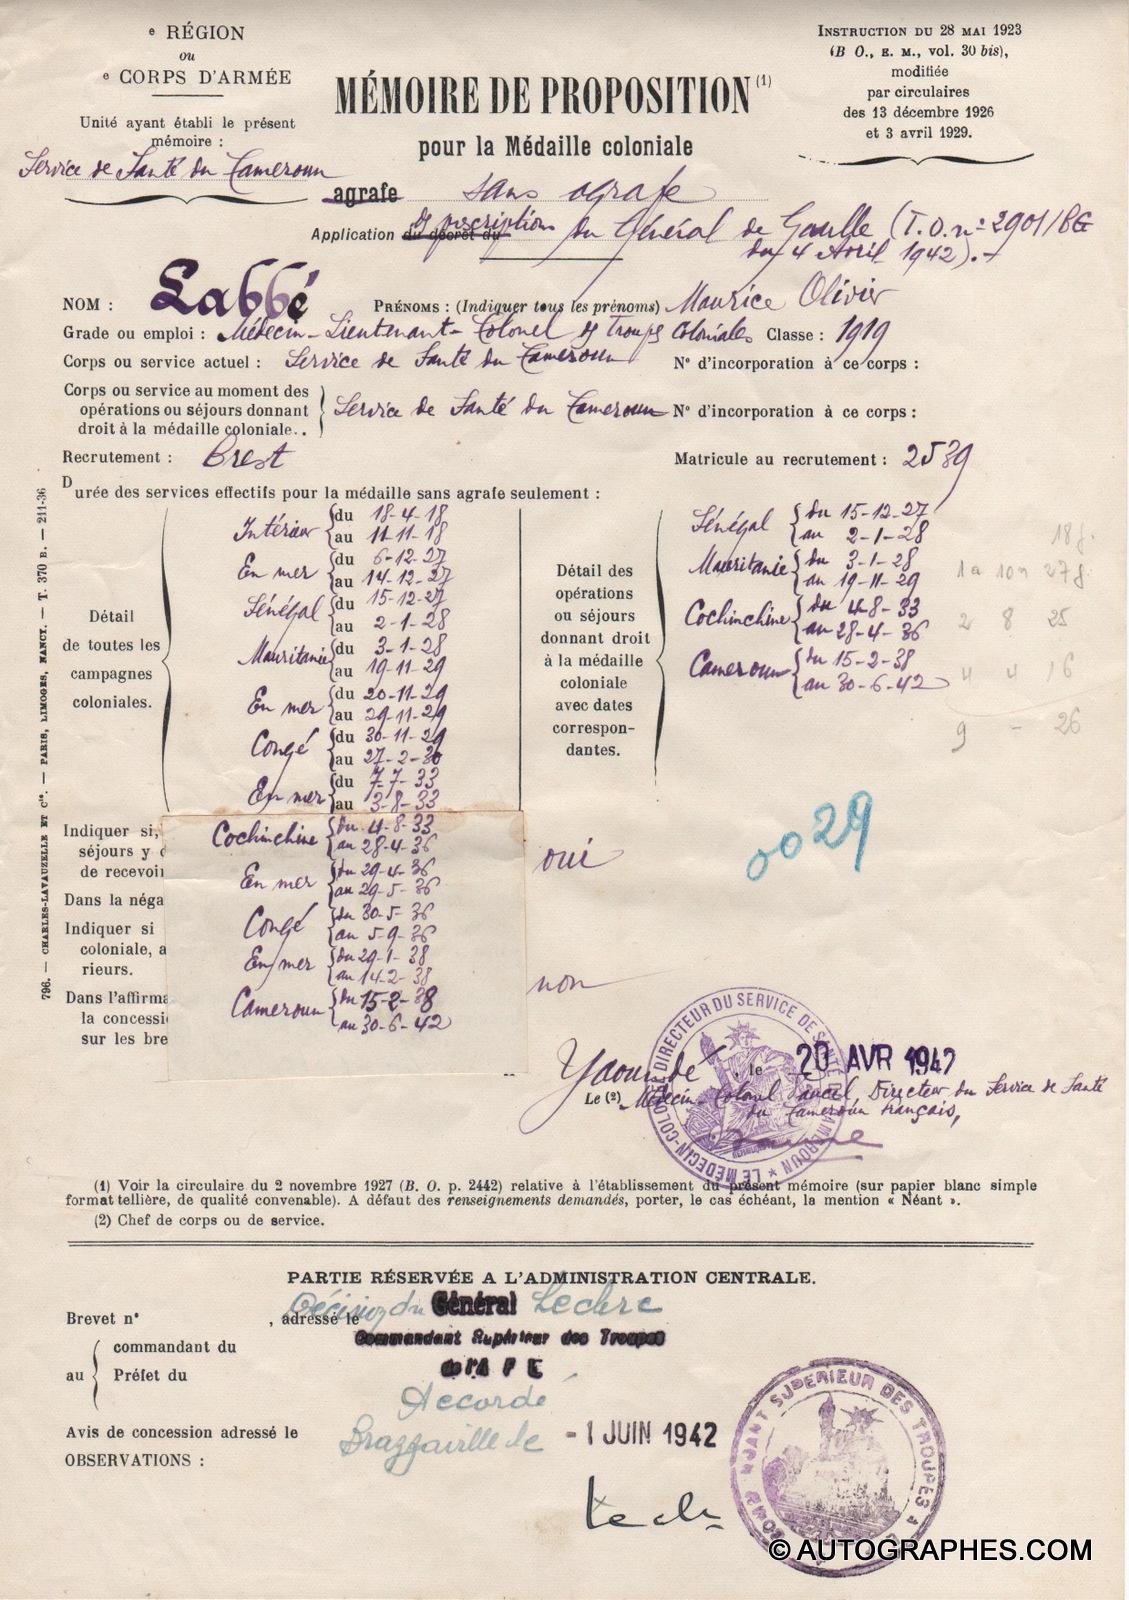 Général LECLERC - Document signé (1er juin 1942)